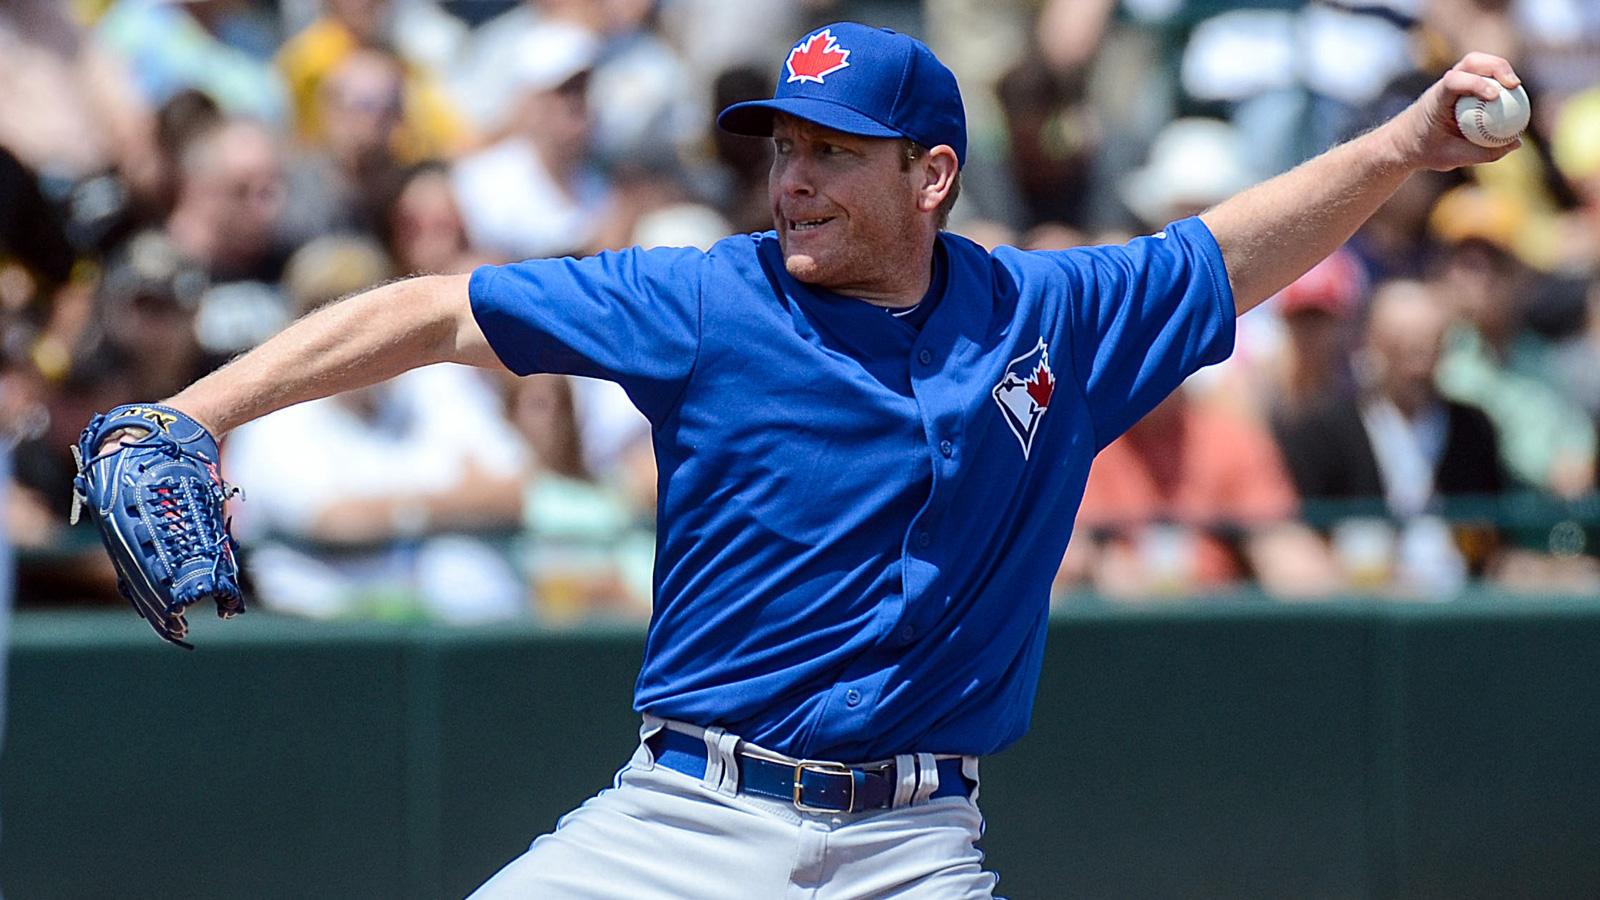 Tigers get Randy Wolf, put pitchers Norris, Sanchez on DL